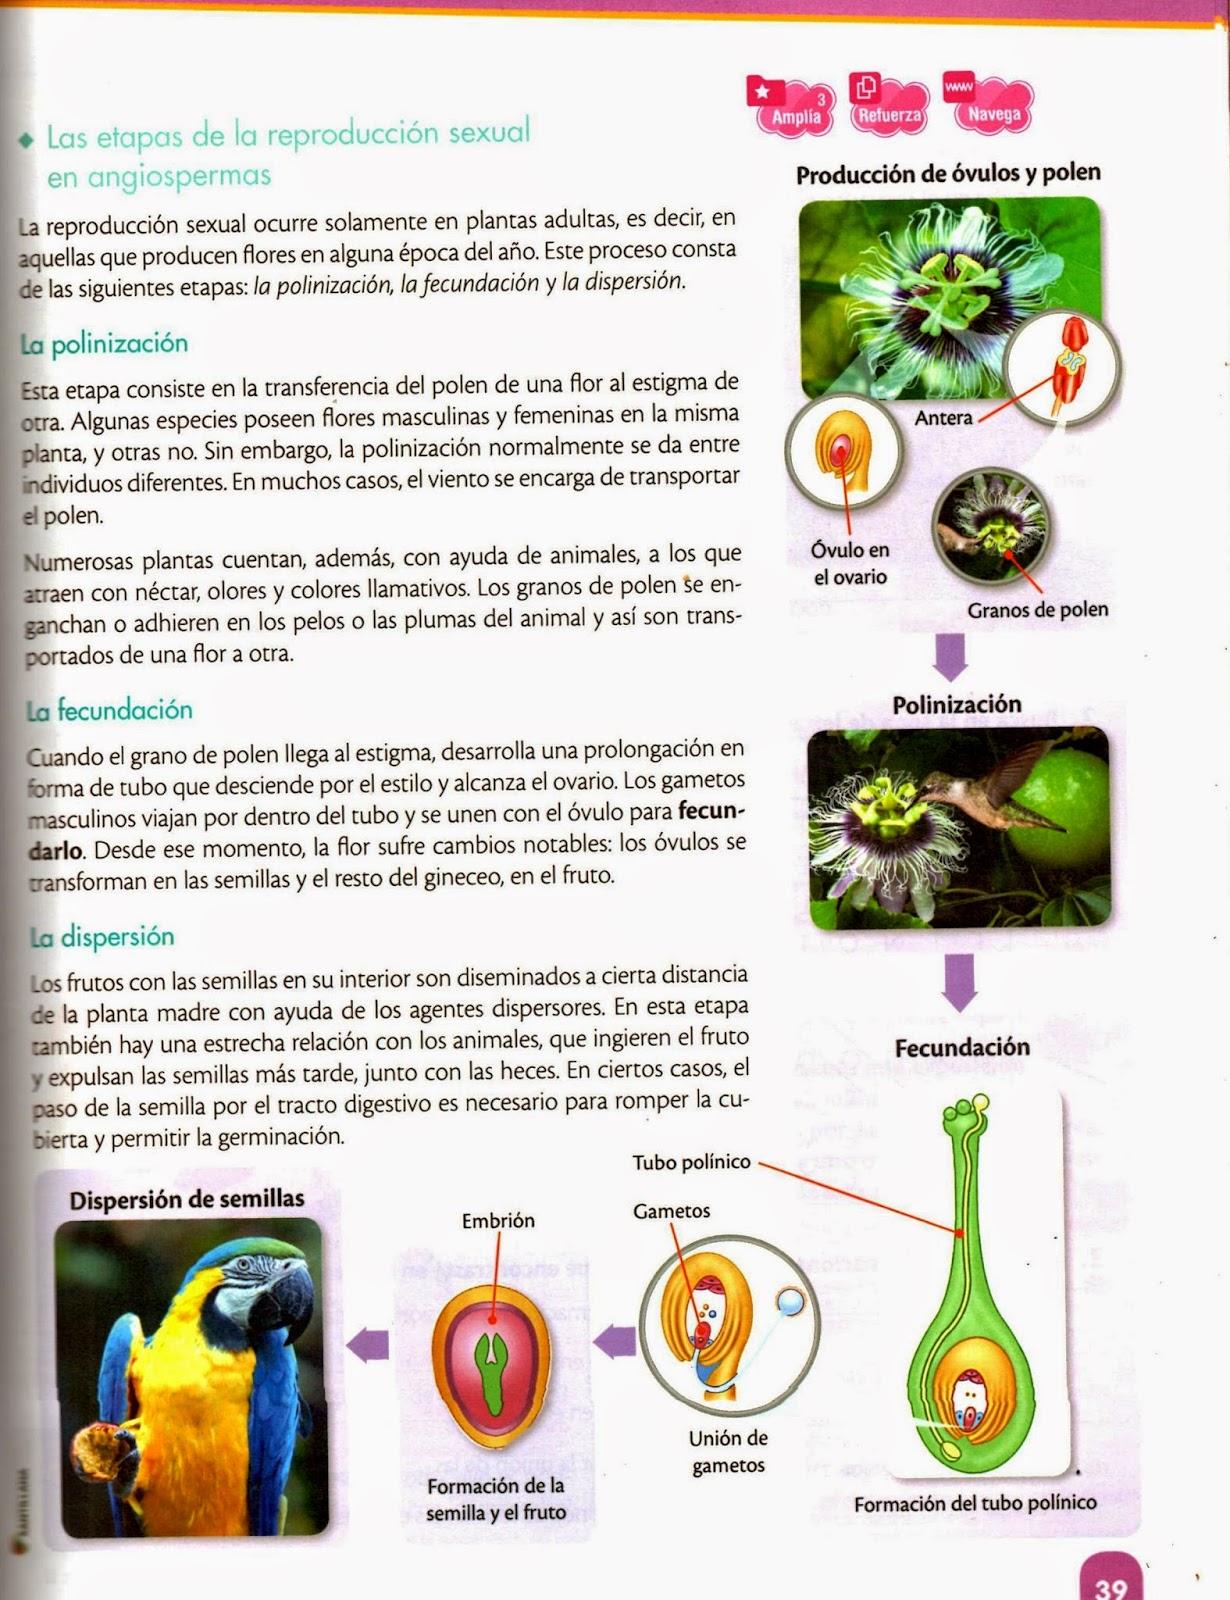 Proceso de reproduccion sexual de las plantas con flores